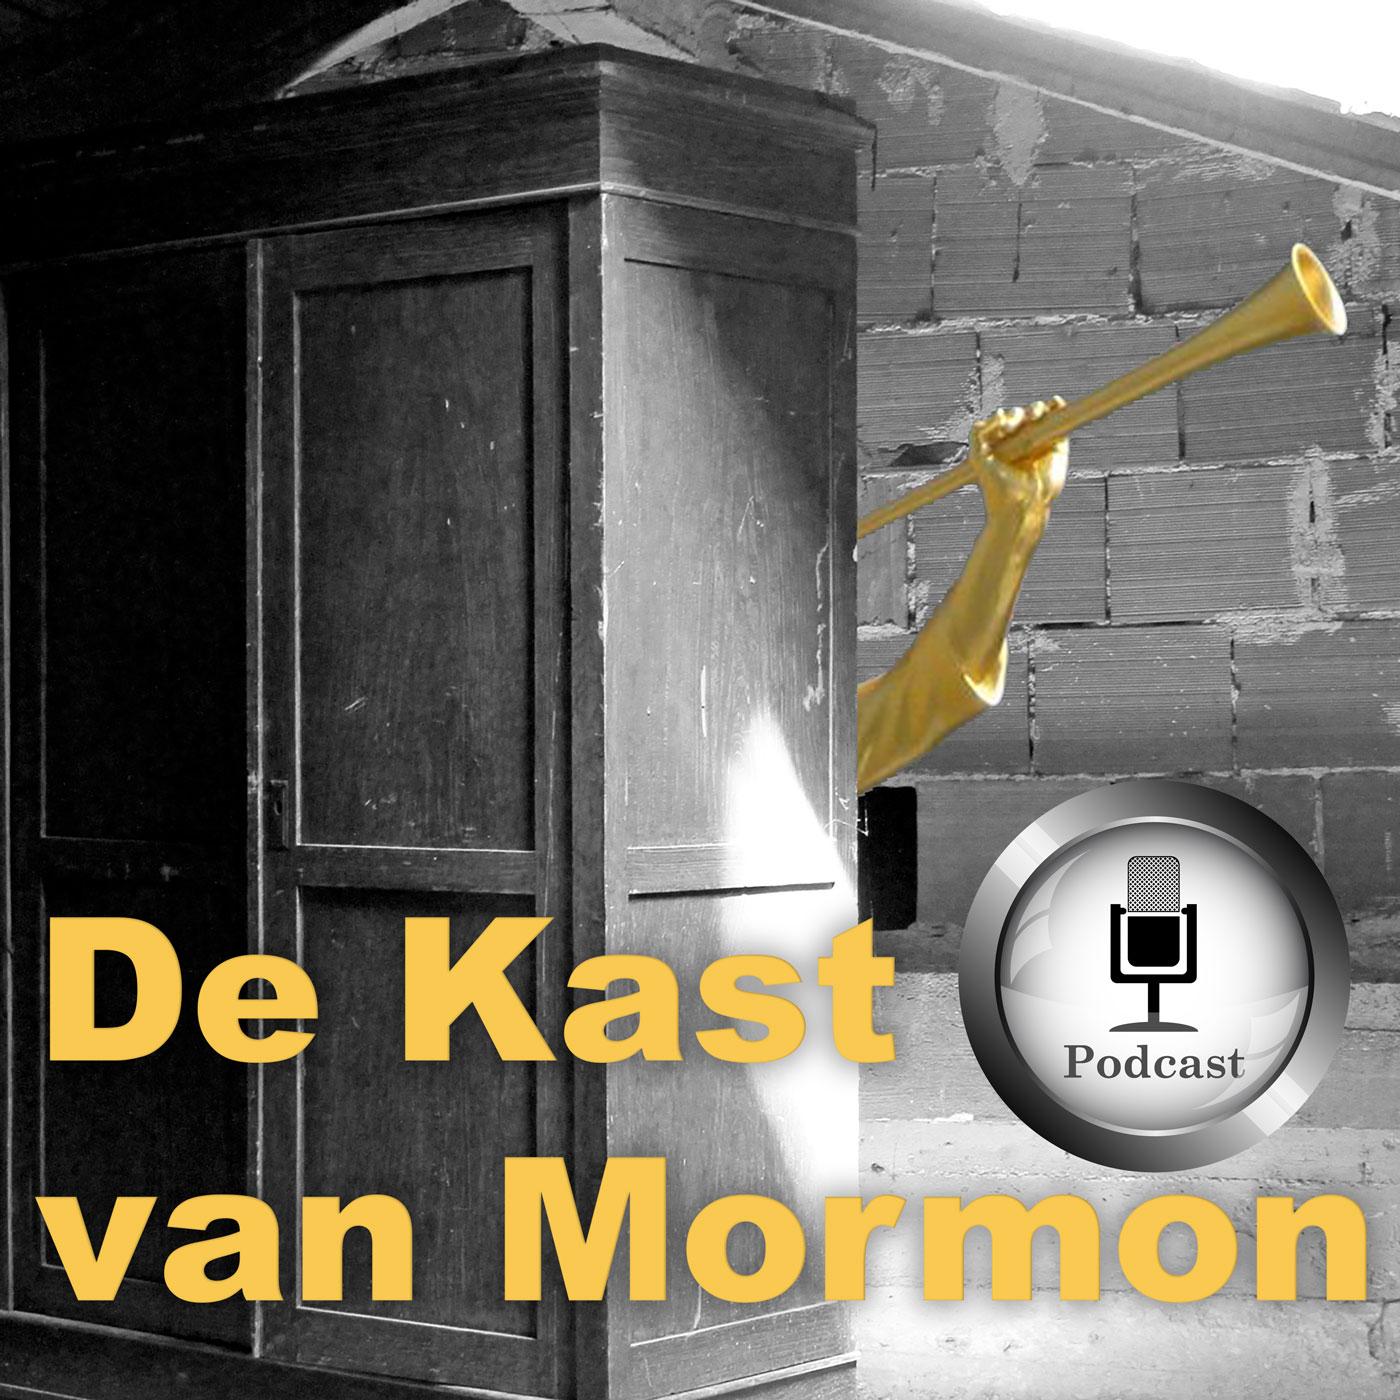 De_Kast_van_Mormon_afl0060_20210308